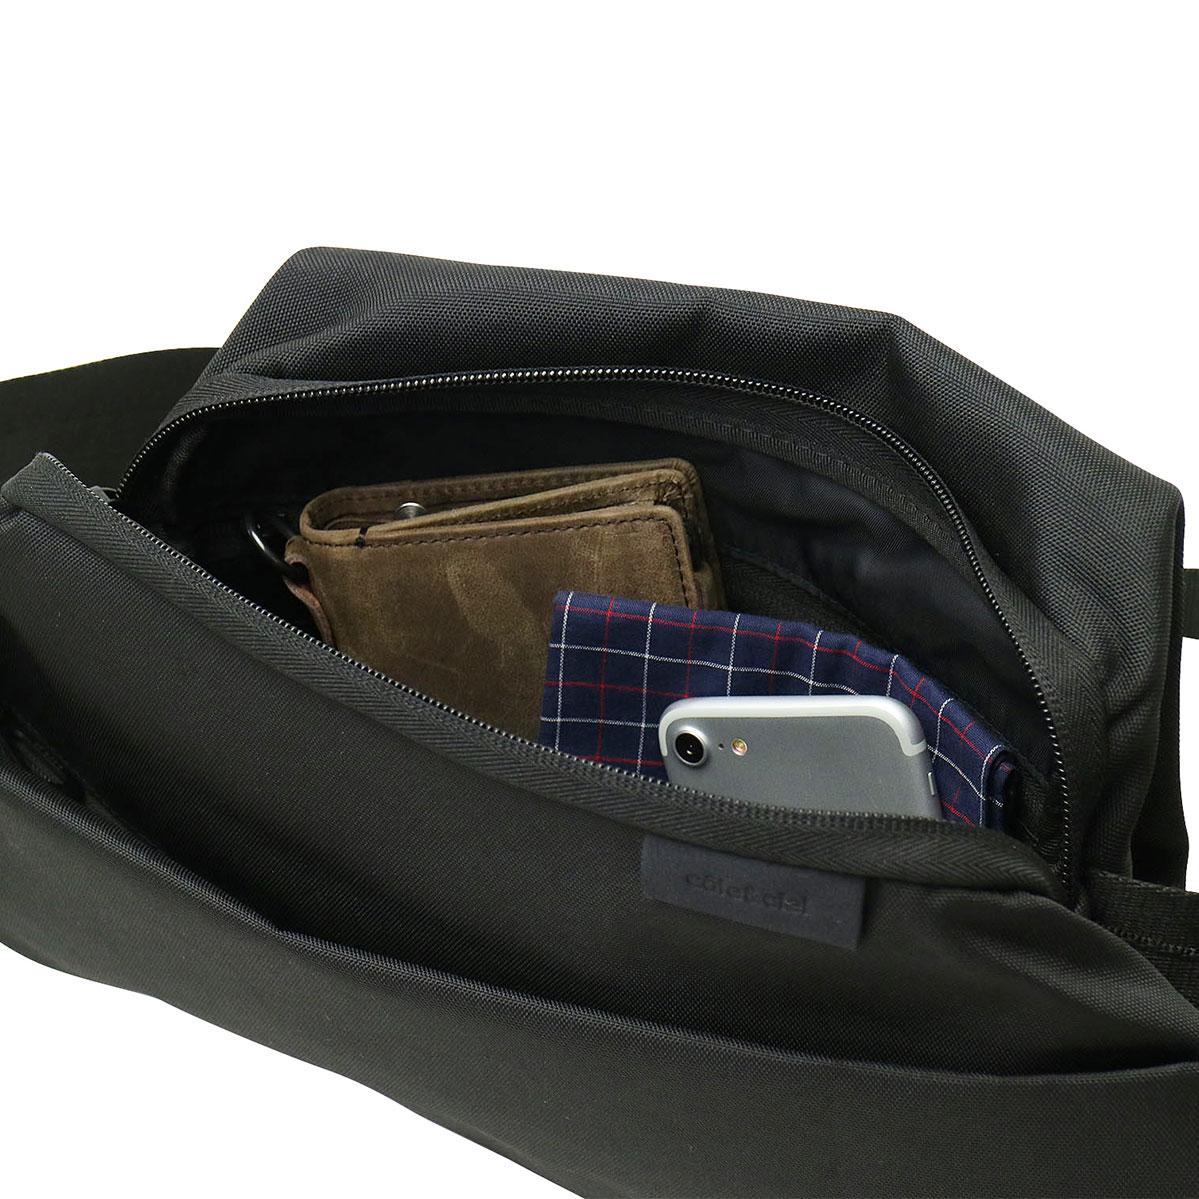 Cote&Ciel 科特迪瓦与彩虹Isarau生态纱体袋(iPad的空气9.5英寸兼容)腰包CC-28499 CC-28500